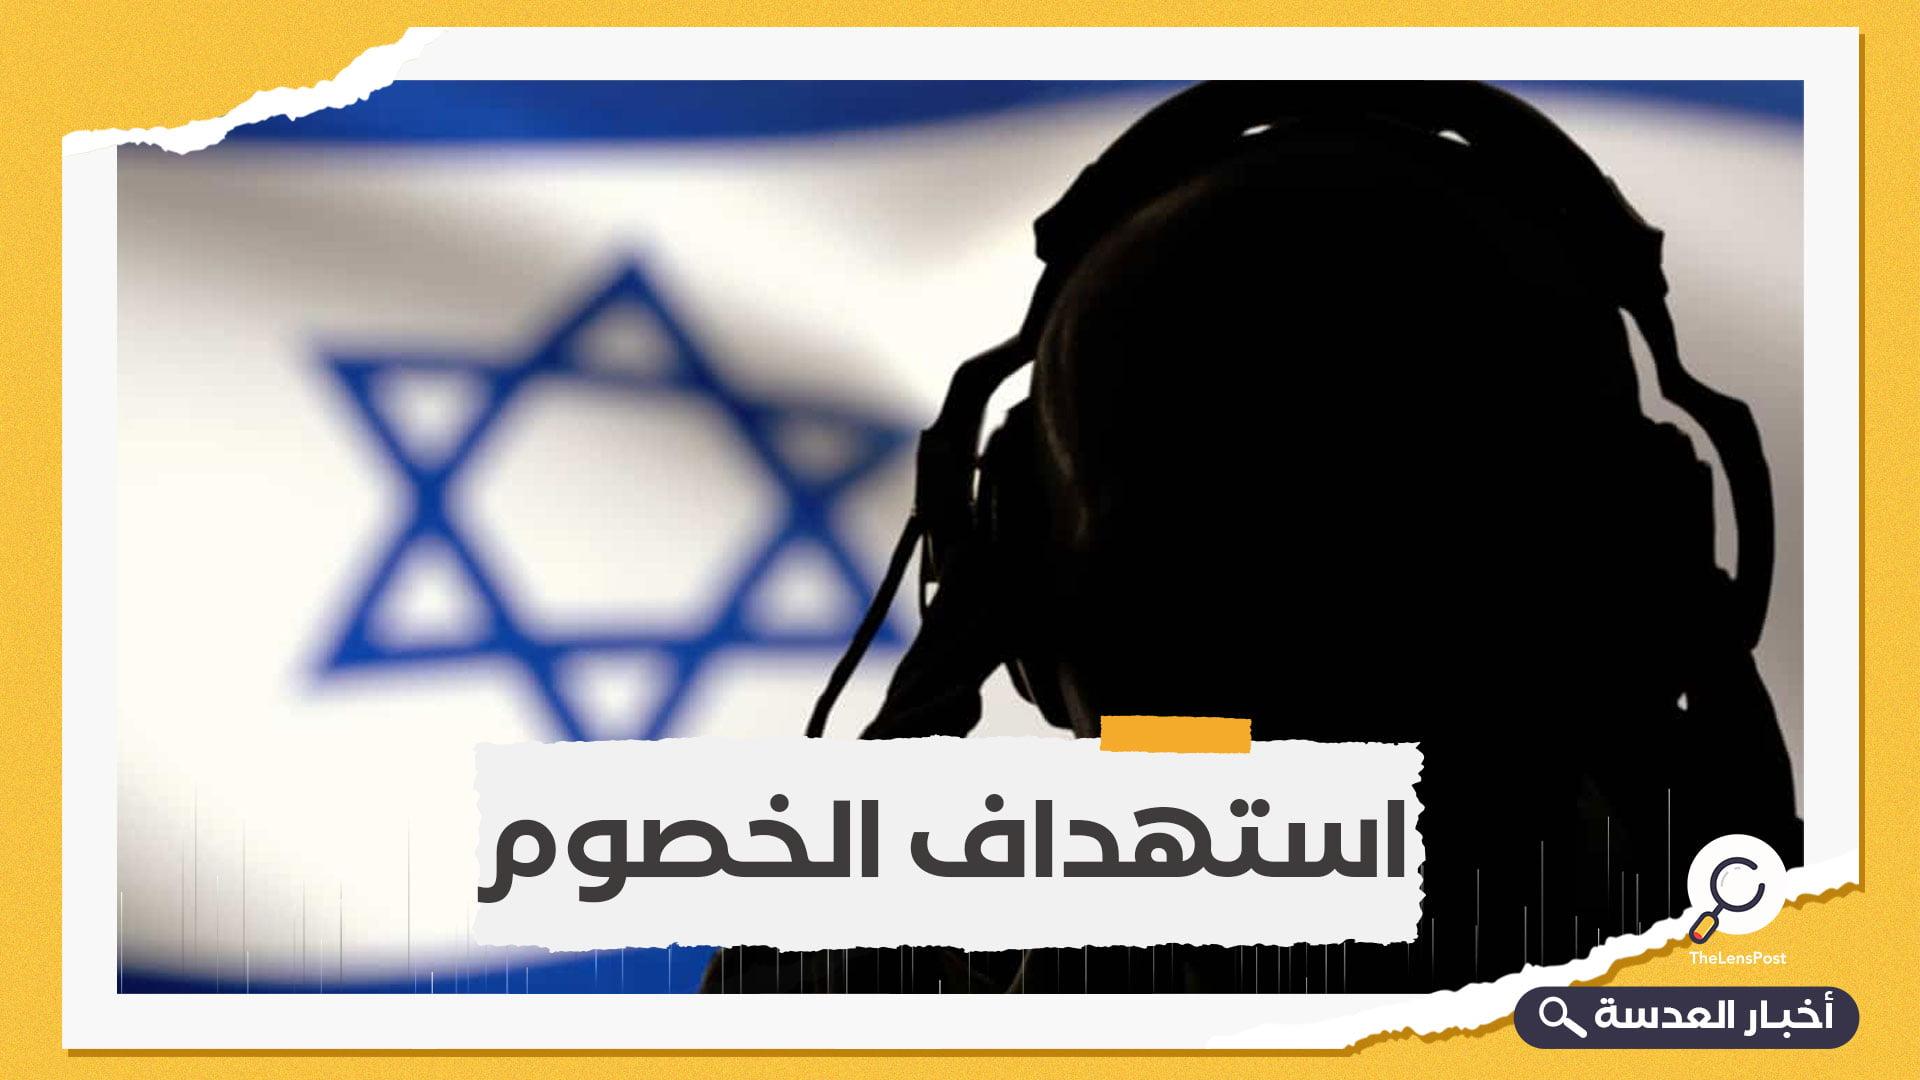 عبر تليجرام.. الإمارات تستعين بإسرائيل للتجسس على معارضيها بالخارج